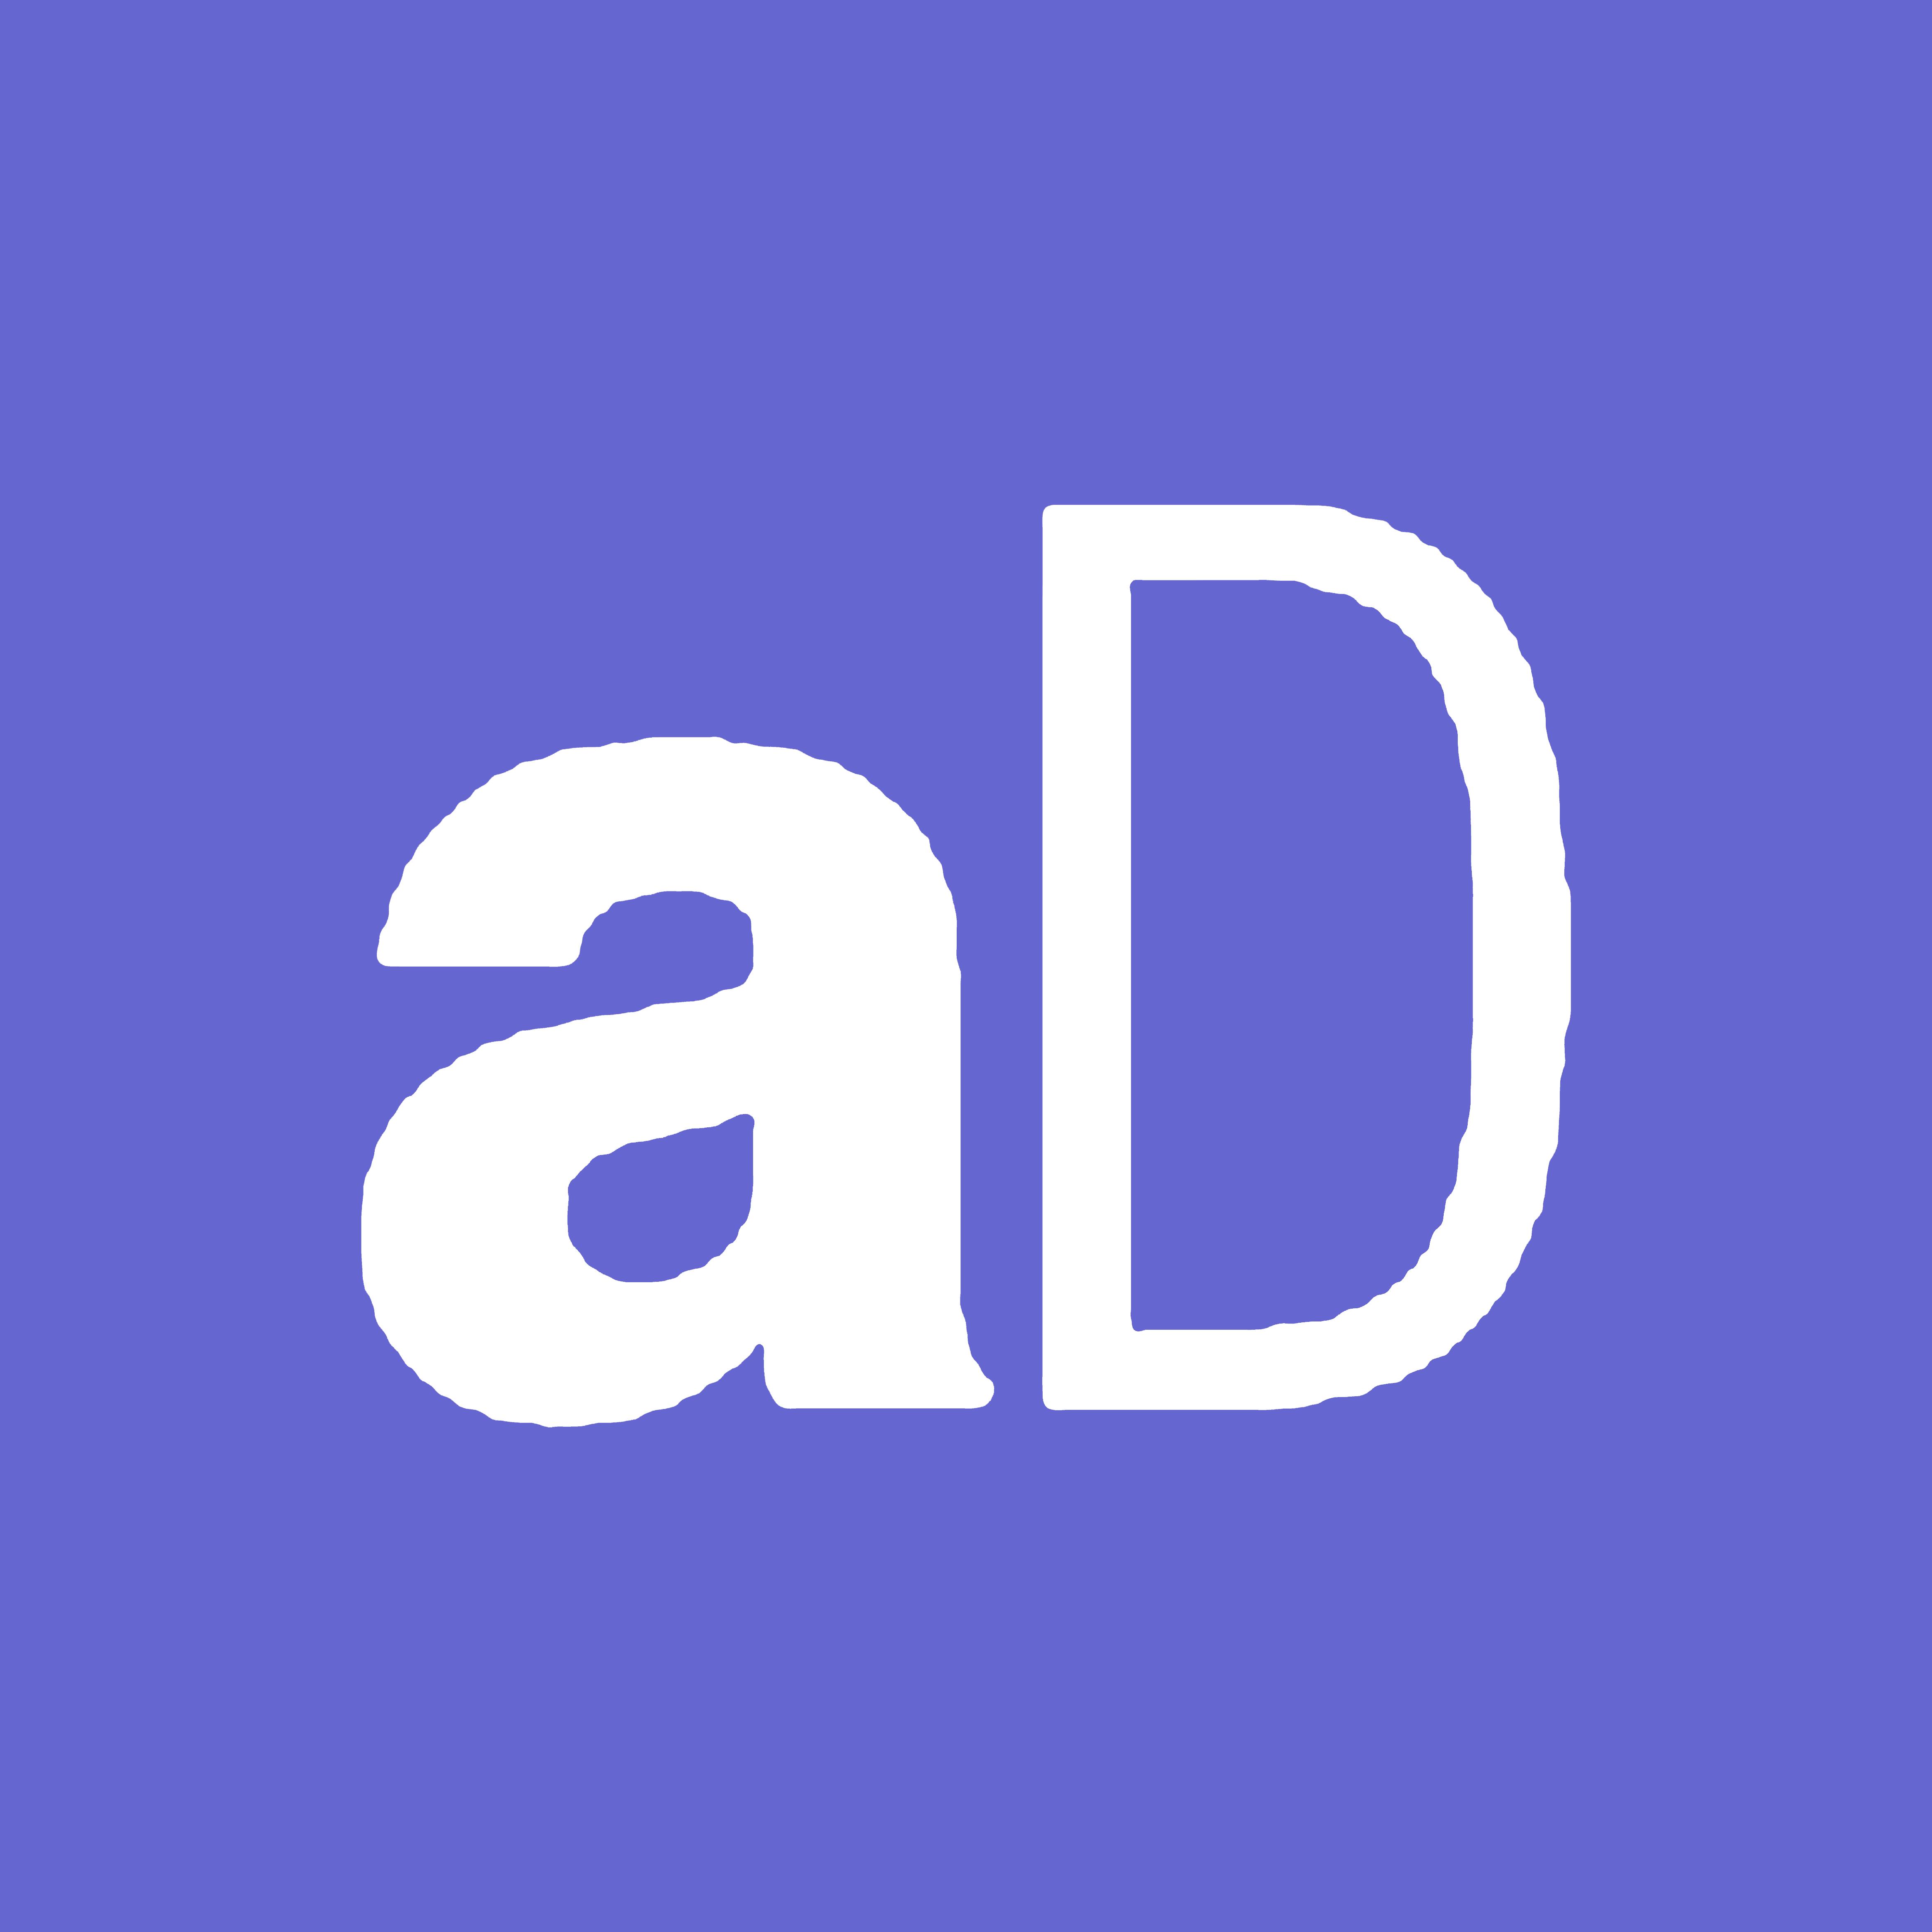 ArsDigita